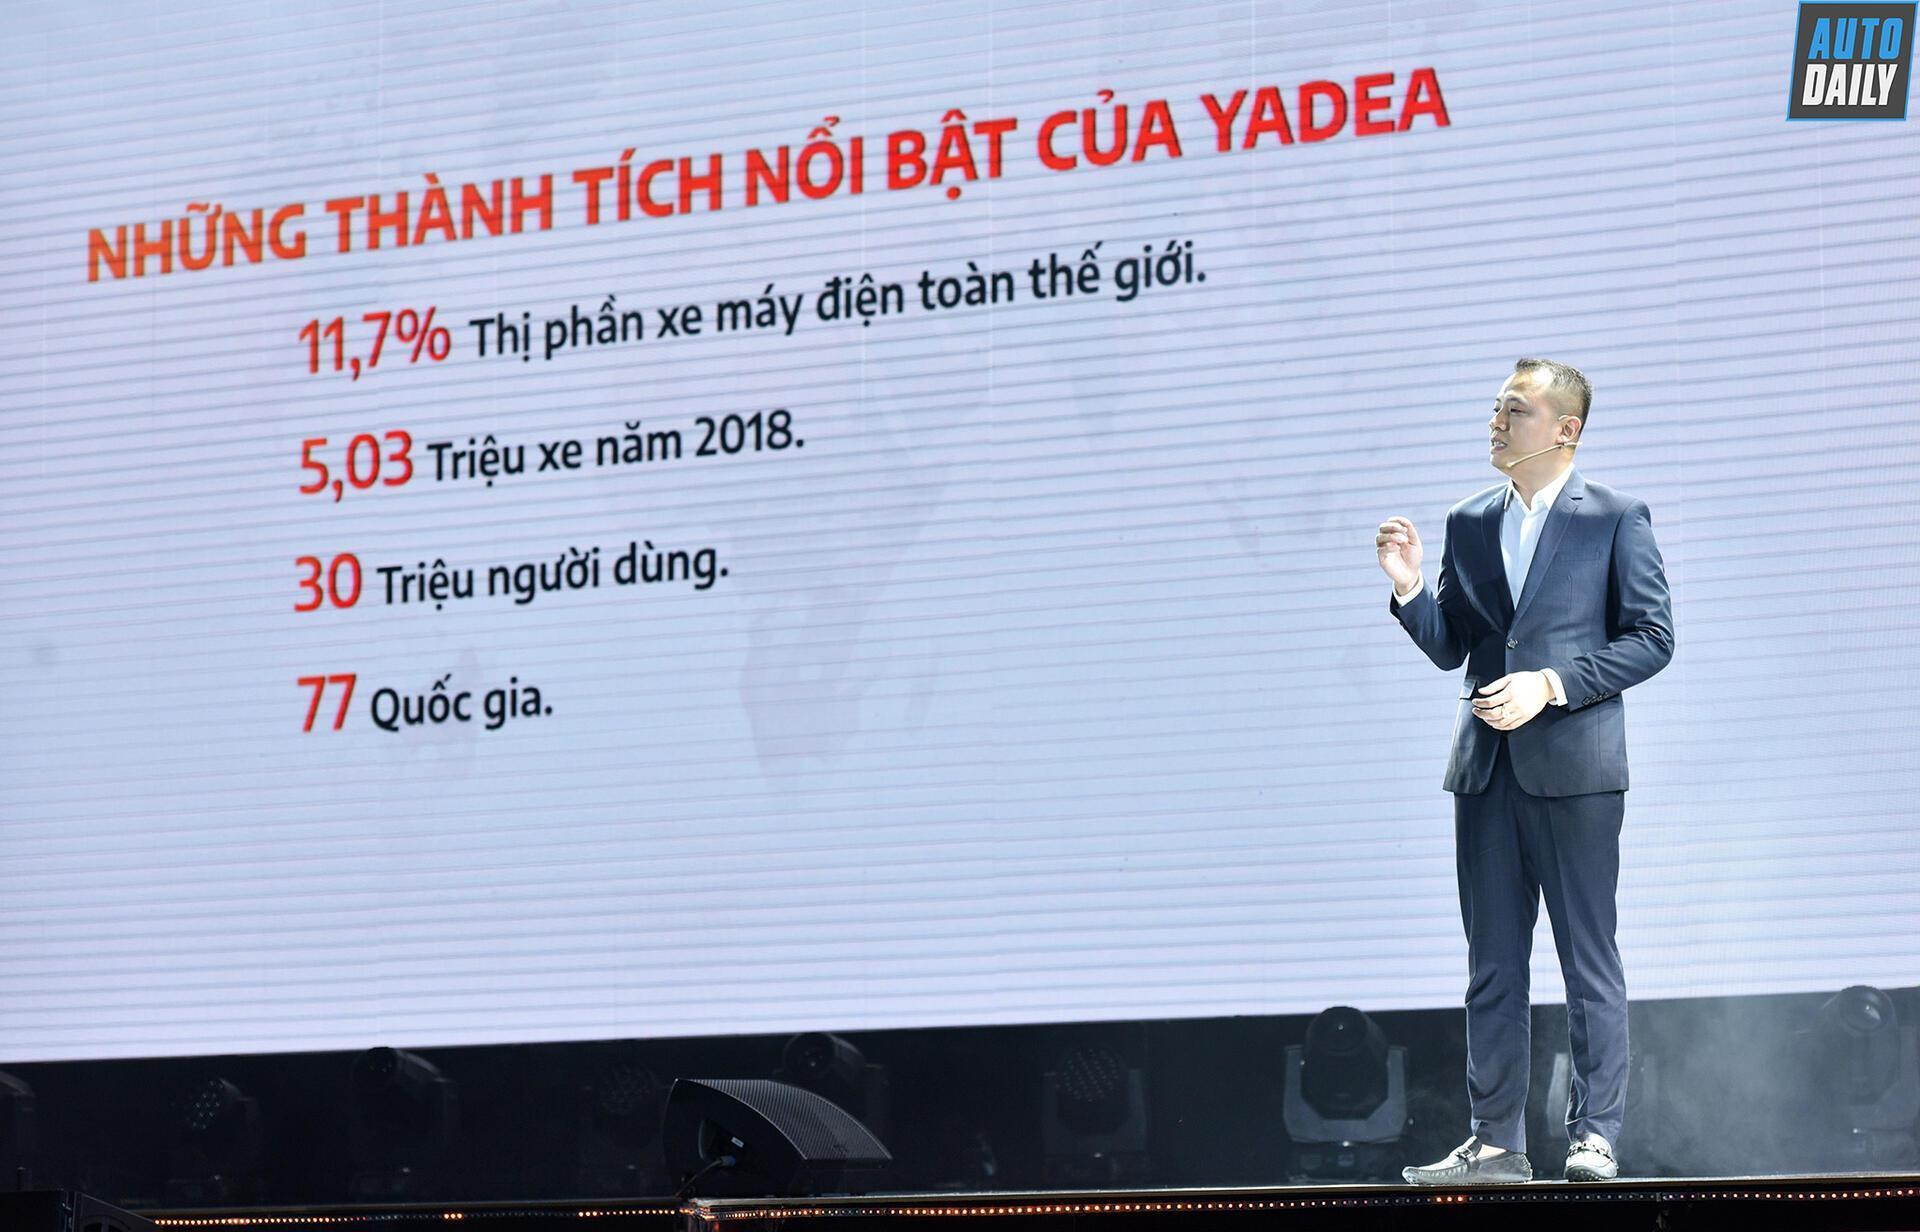 xe-may-dien-yadae-chot-gia-tu-16-trieu-dong-tai-viet-nam